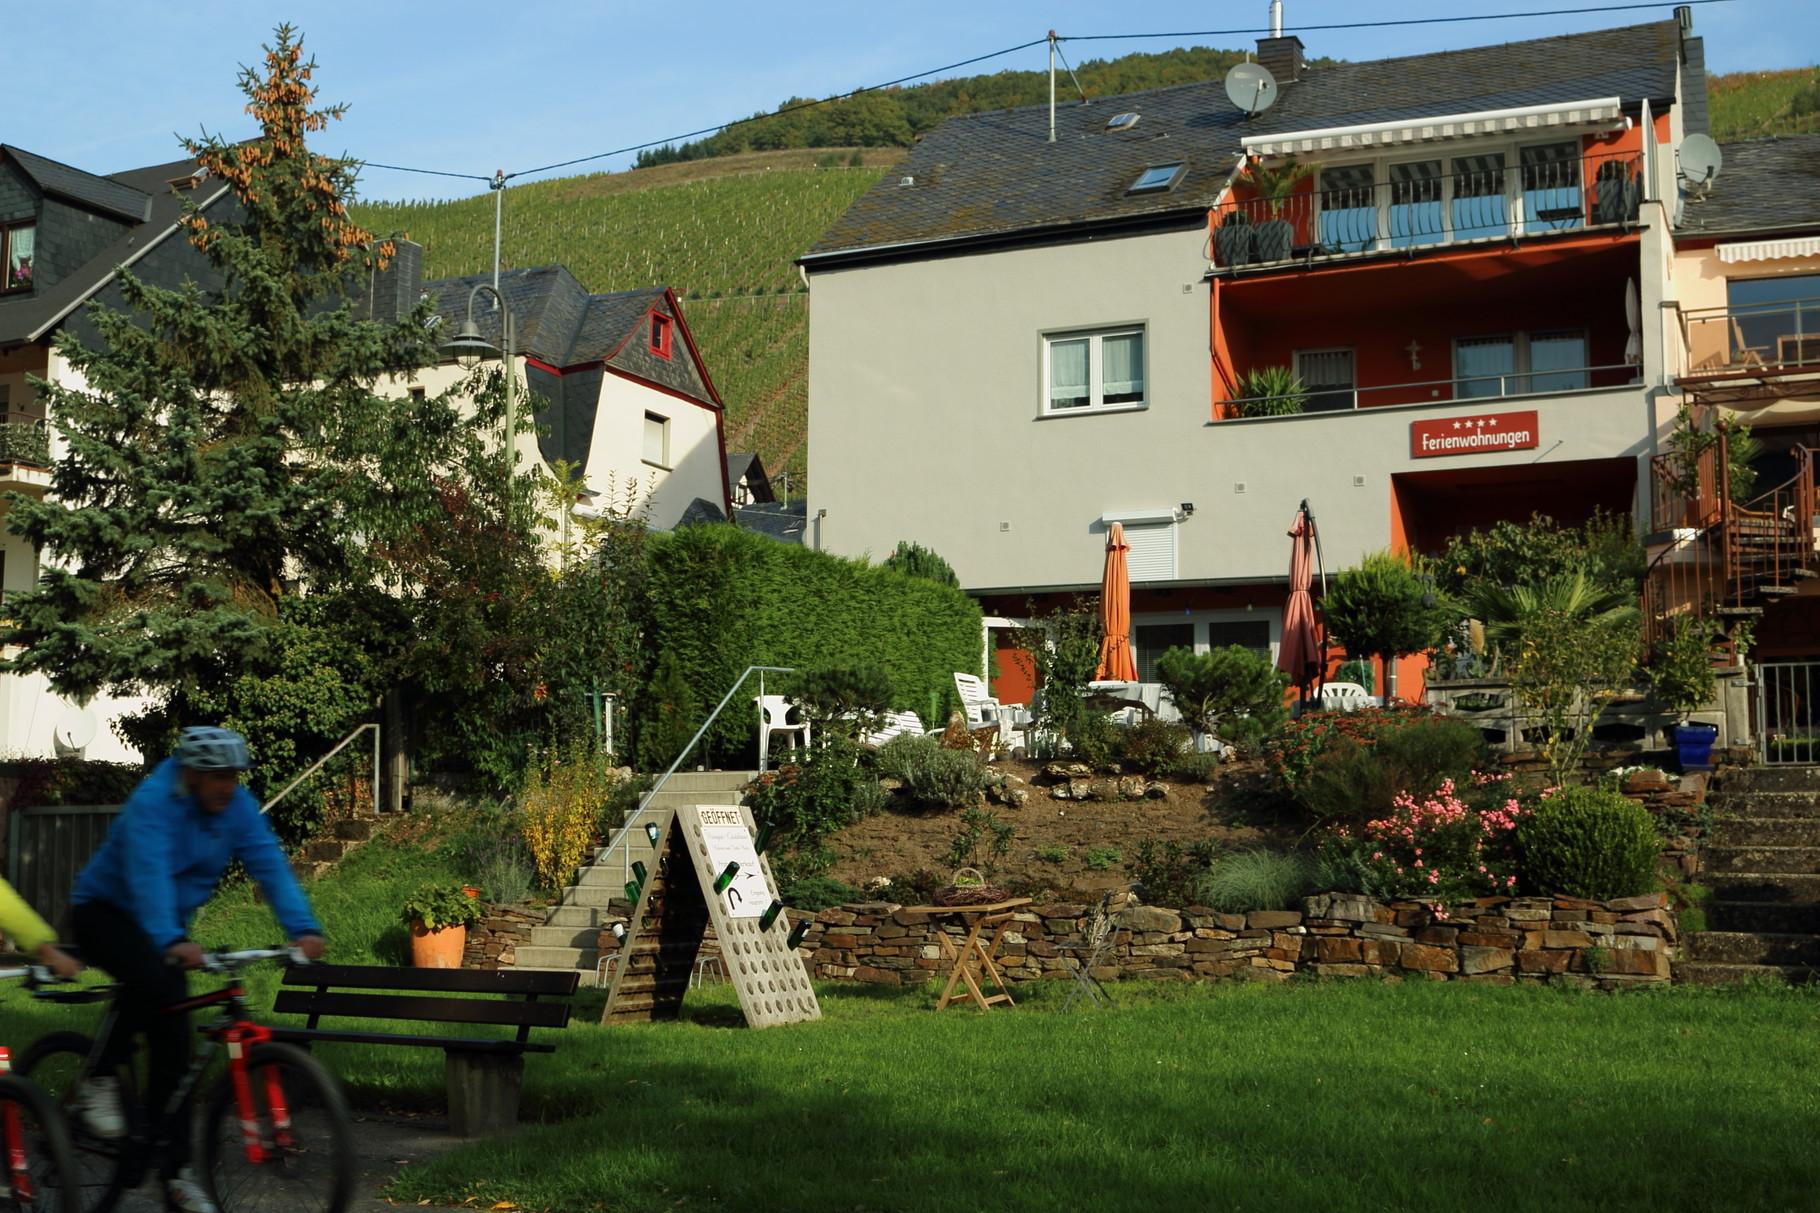 Unser Weingut-Gästehaus mit dem Mosel-Radweg im Vordergrund